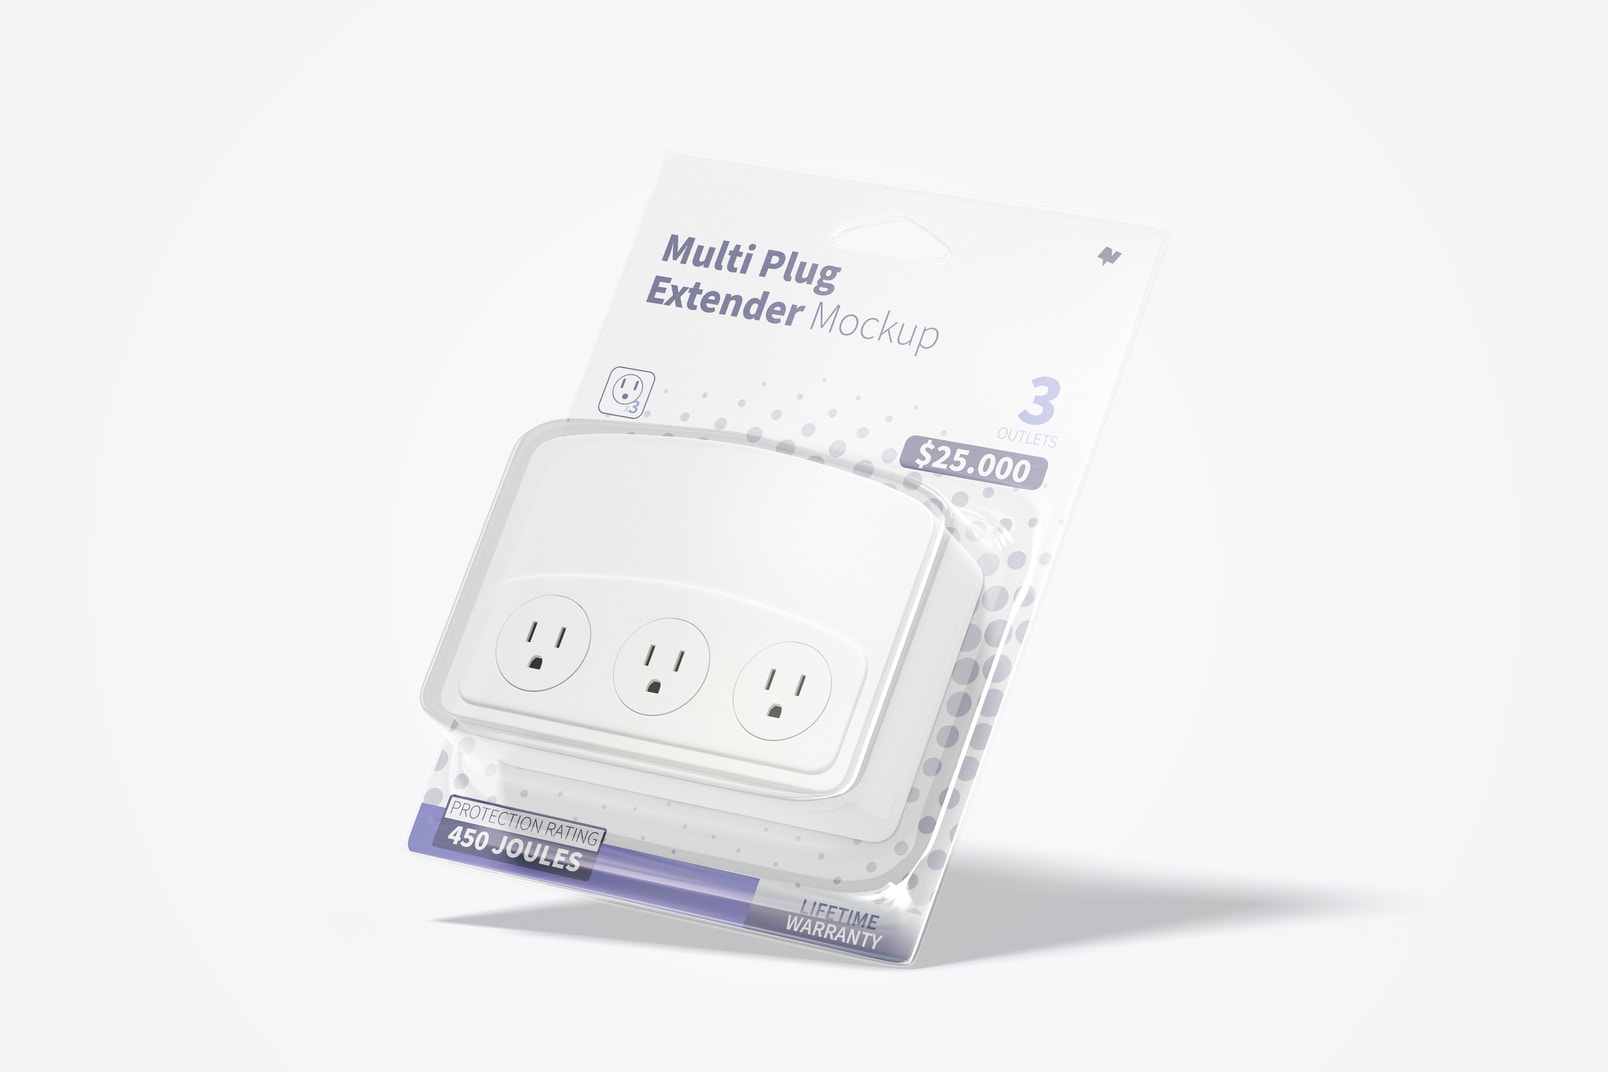 Multi Plug Extender Mockup, Perspective